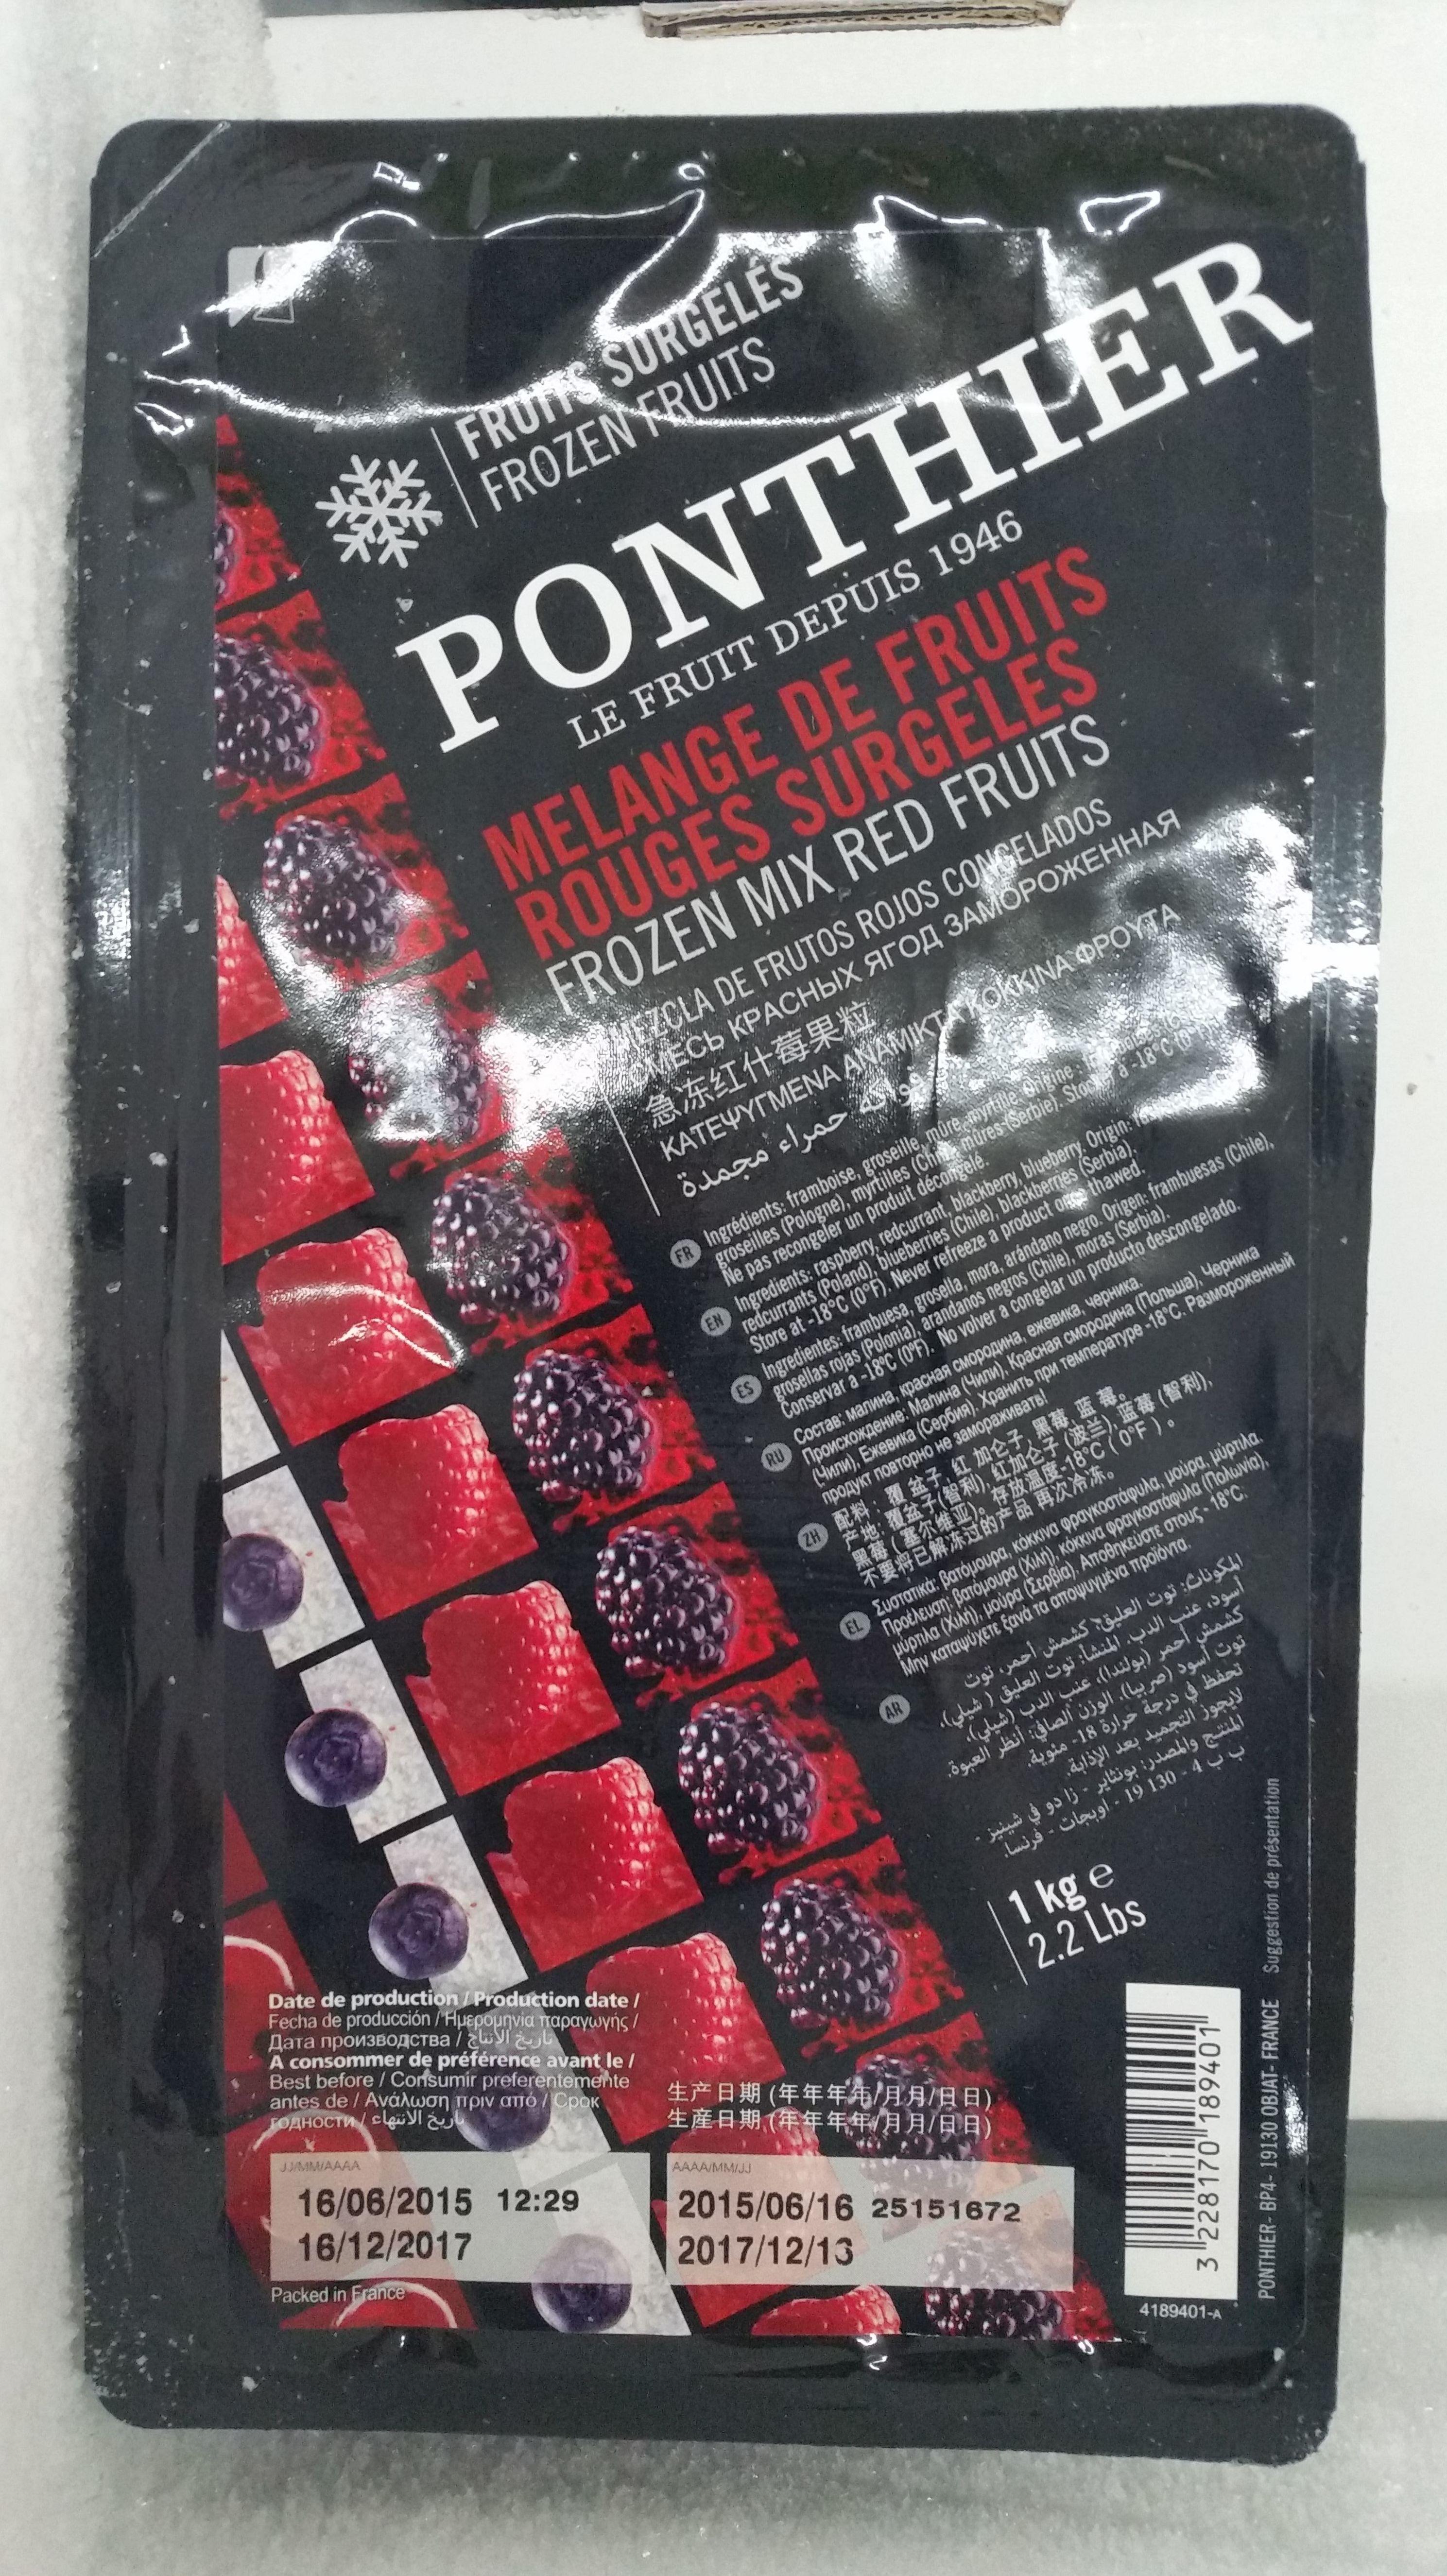 Mix Frutos Rojos Ponthier: Productos de Hiper Licores